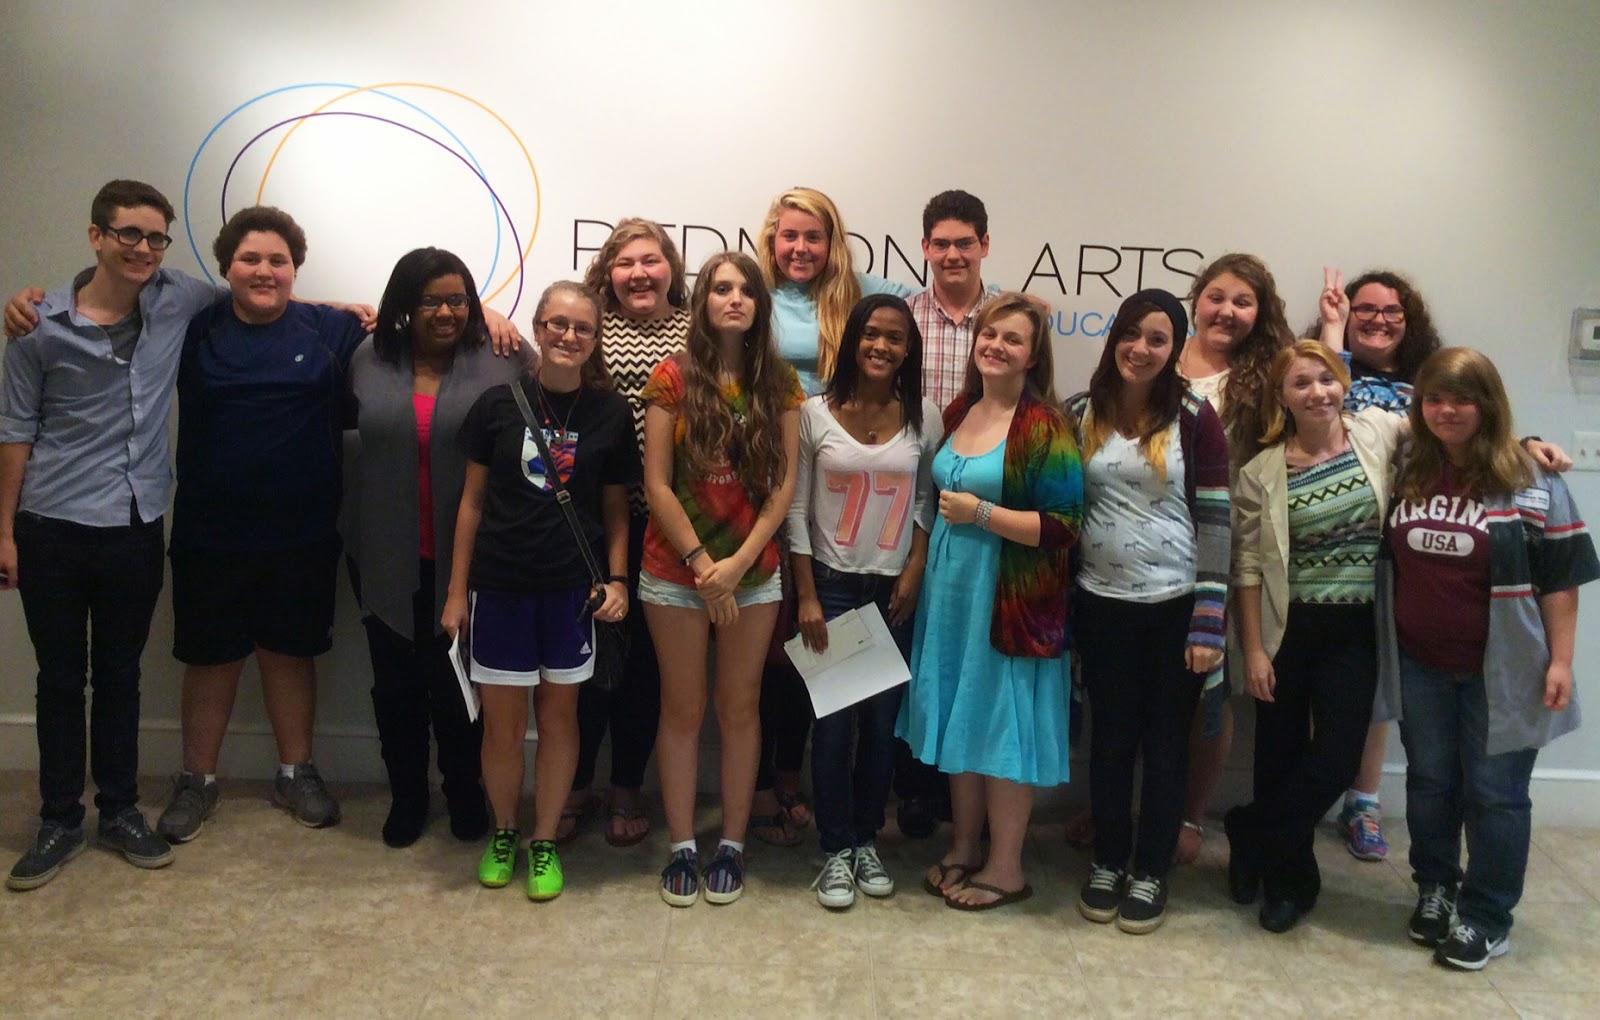 Teen Arts Council - Bellevue Arts Museum - Art Exhibits